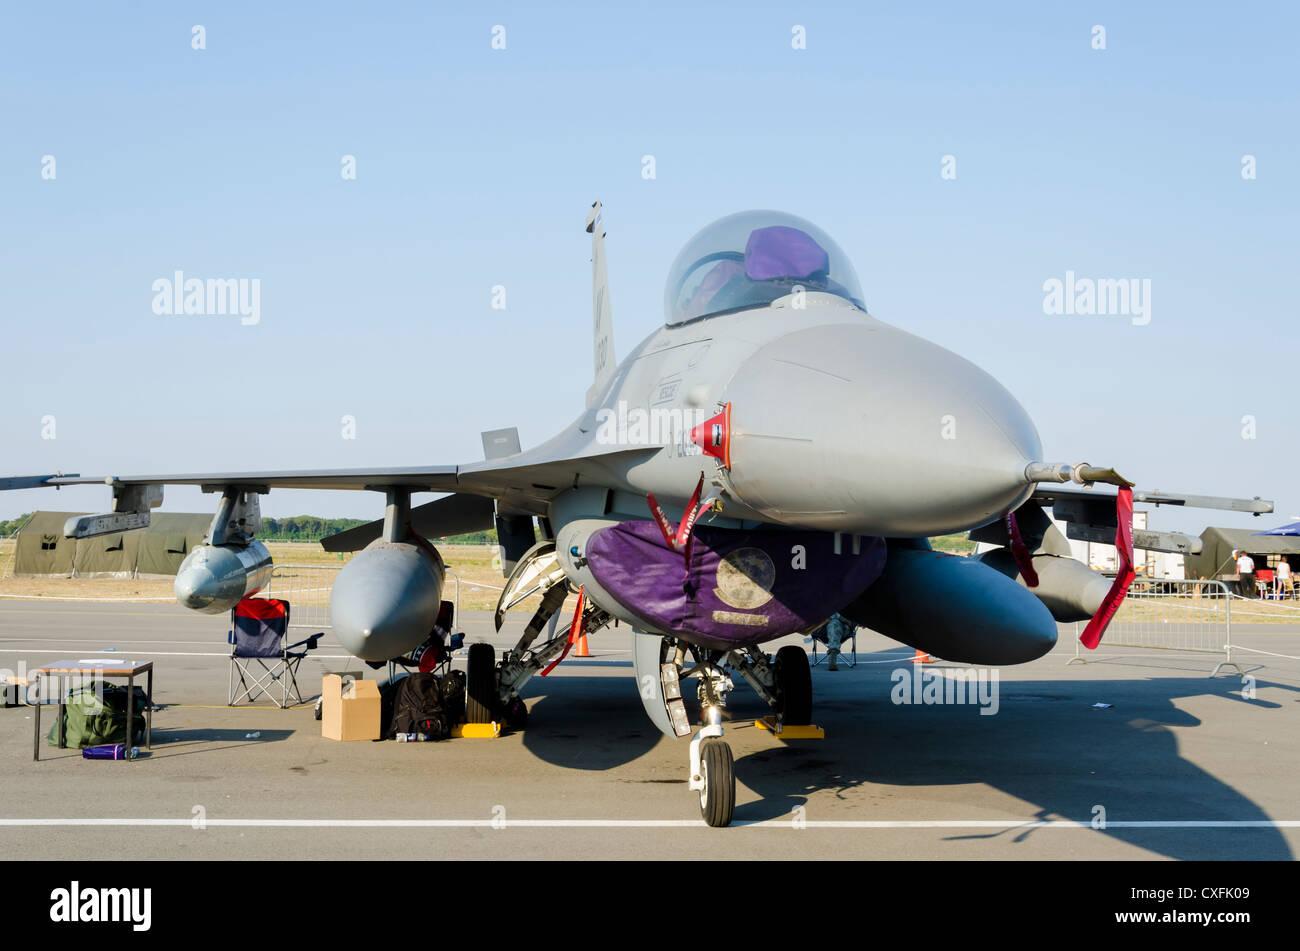 Aviones de combate F-16 Falcon en el Airshow Batajnica 2012 en Belgrado, Serbia, el 2 de septiembre de 2012. Foto de stock